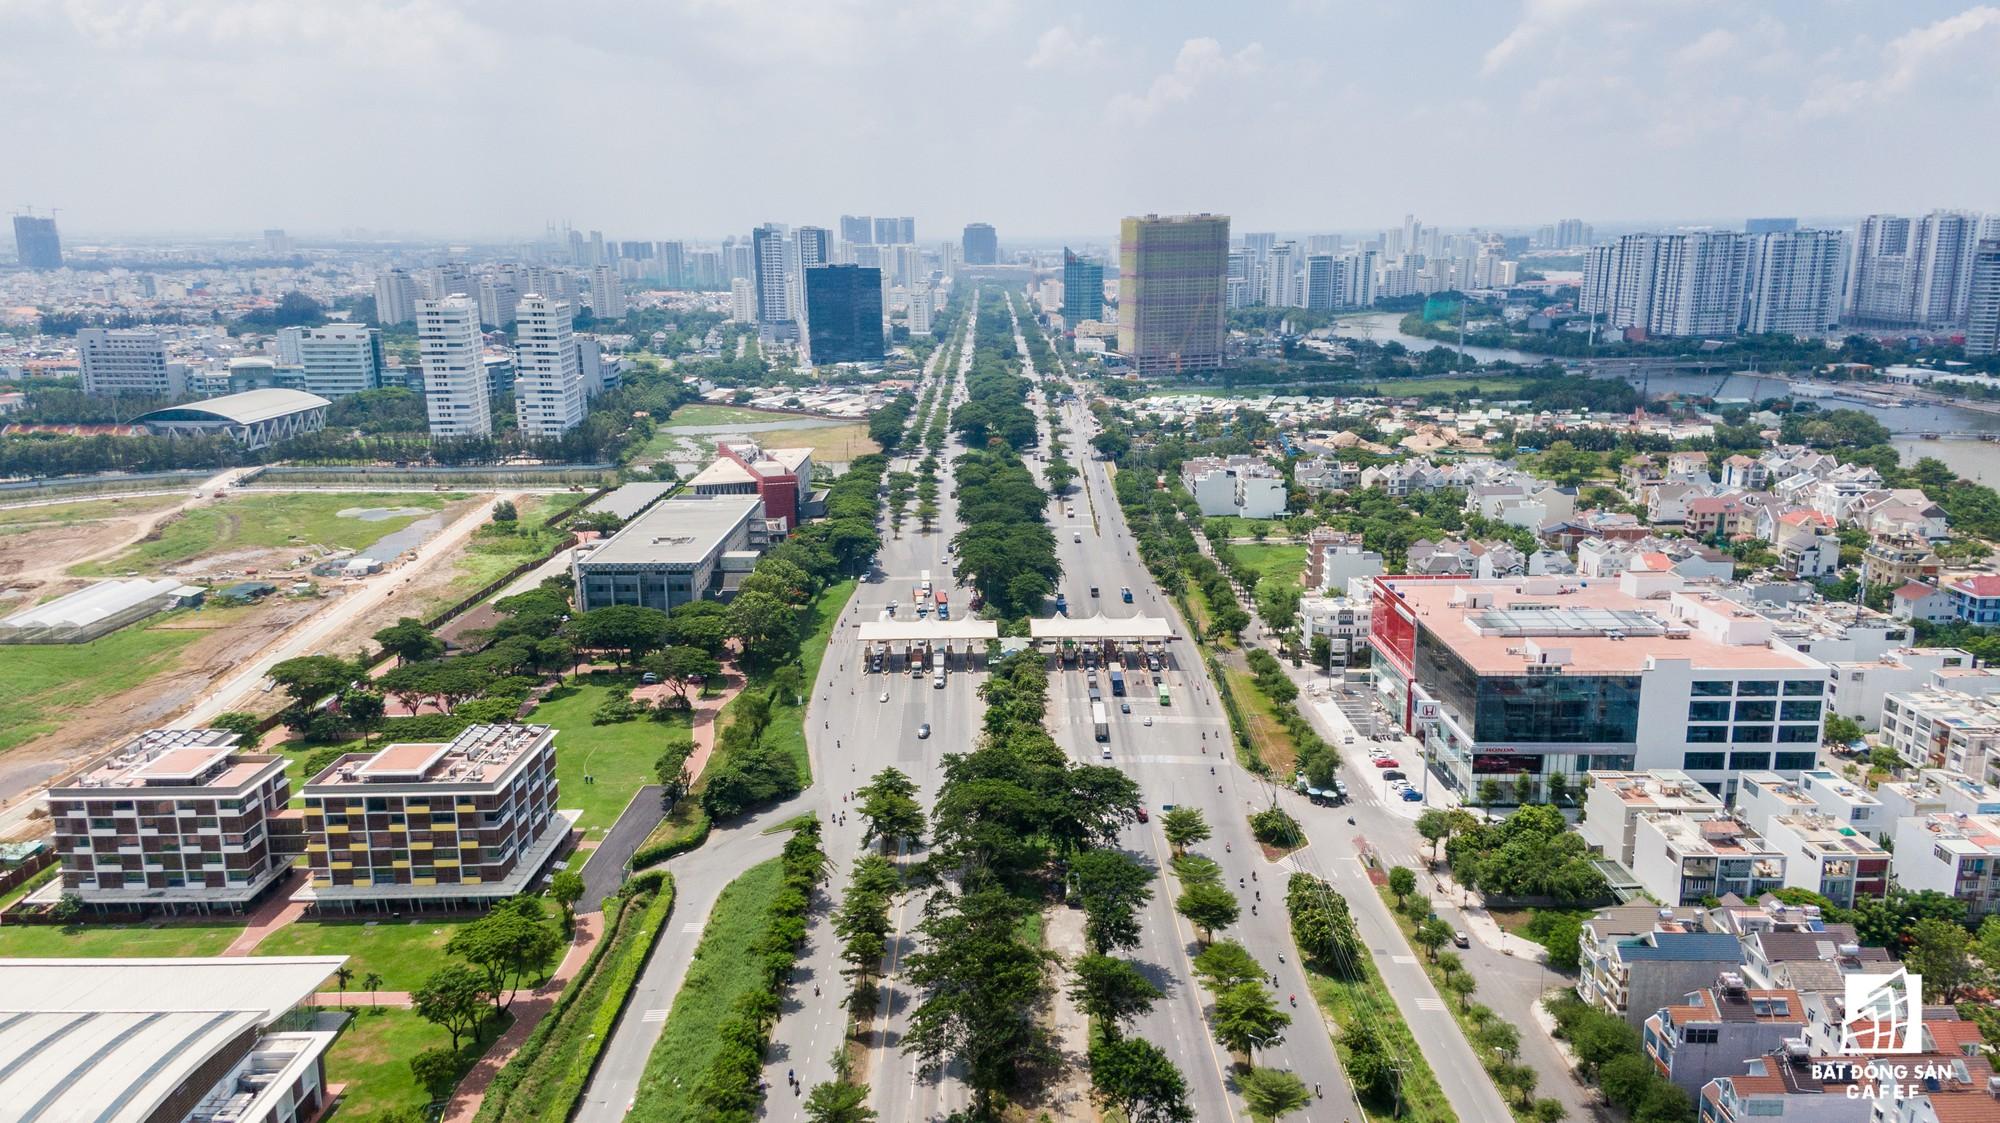 Toàn cảnh đại lộ tỷ đô đã tạo nên một thị trường bất động sản rất riêng cho khu Nam Sài Gòn - Ảnh 9. Toàn cảnh đại lộ tỷ đô đã tạo nên một thị trường bất động sản rất riêng cho khu Nam Sài Gòn Toàn cảnh đại lộ tỷ đô đã tạo nên một thị trường bất động sản rất riêng cho khu Nam Sài Gòn hinh 8 15672196647911088540331